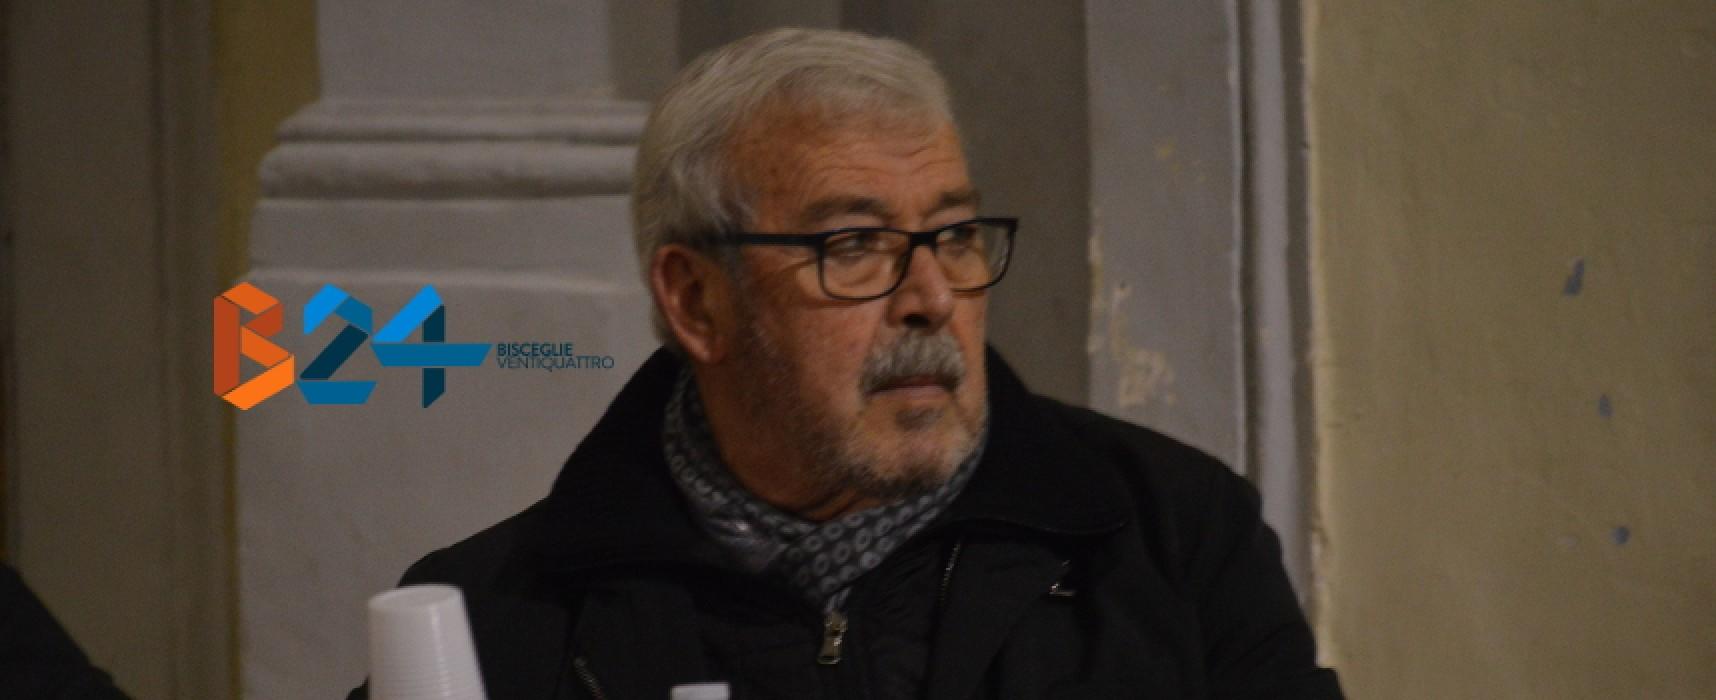 """Differenziata, Valente: """"Silvestris-Rigante, riecco il partito dell'illegalità politica"""""""